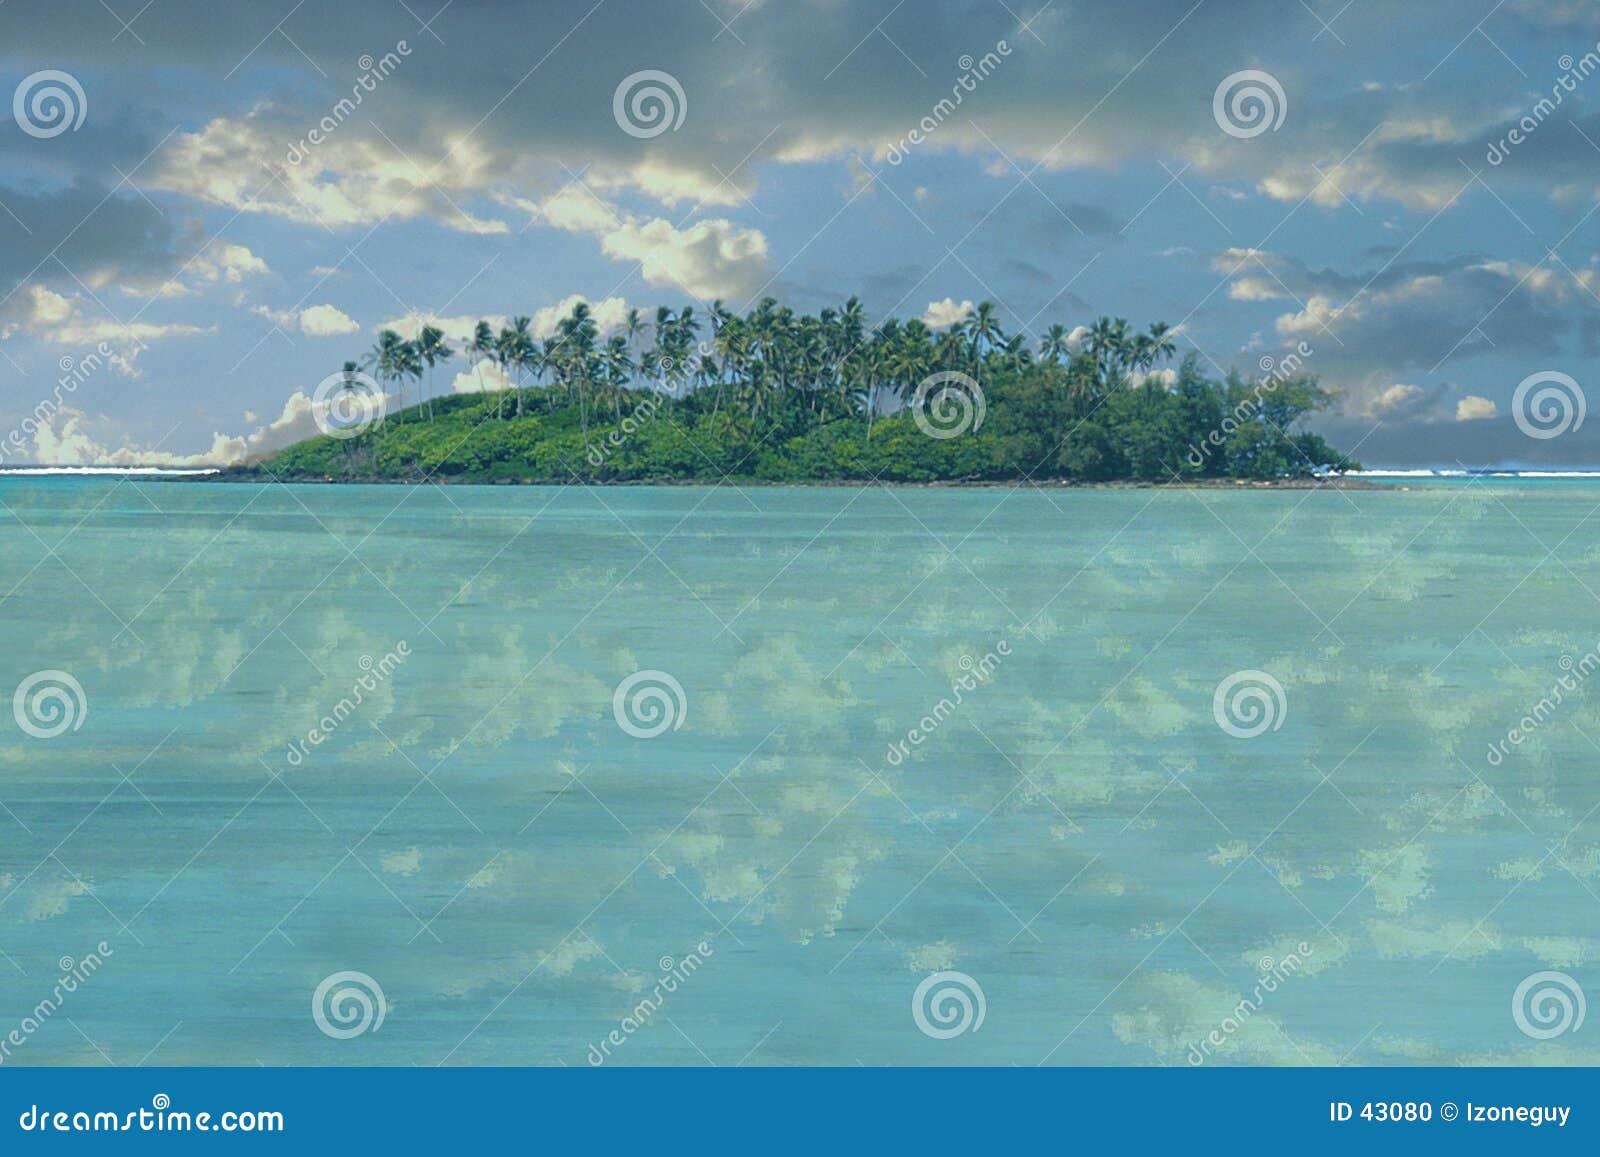 Download Isla abandonada foto de archivo. Imagen de abandonado, nubes - 43080